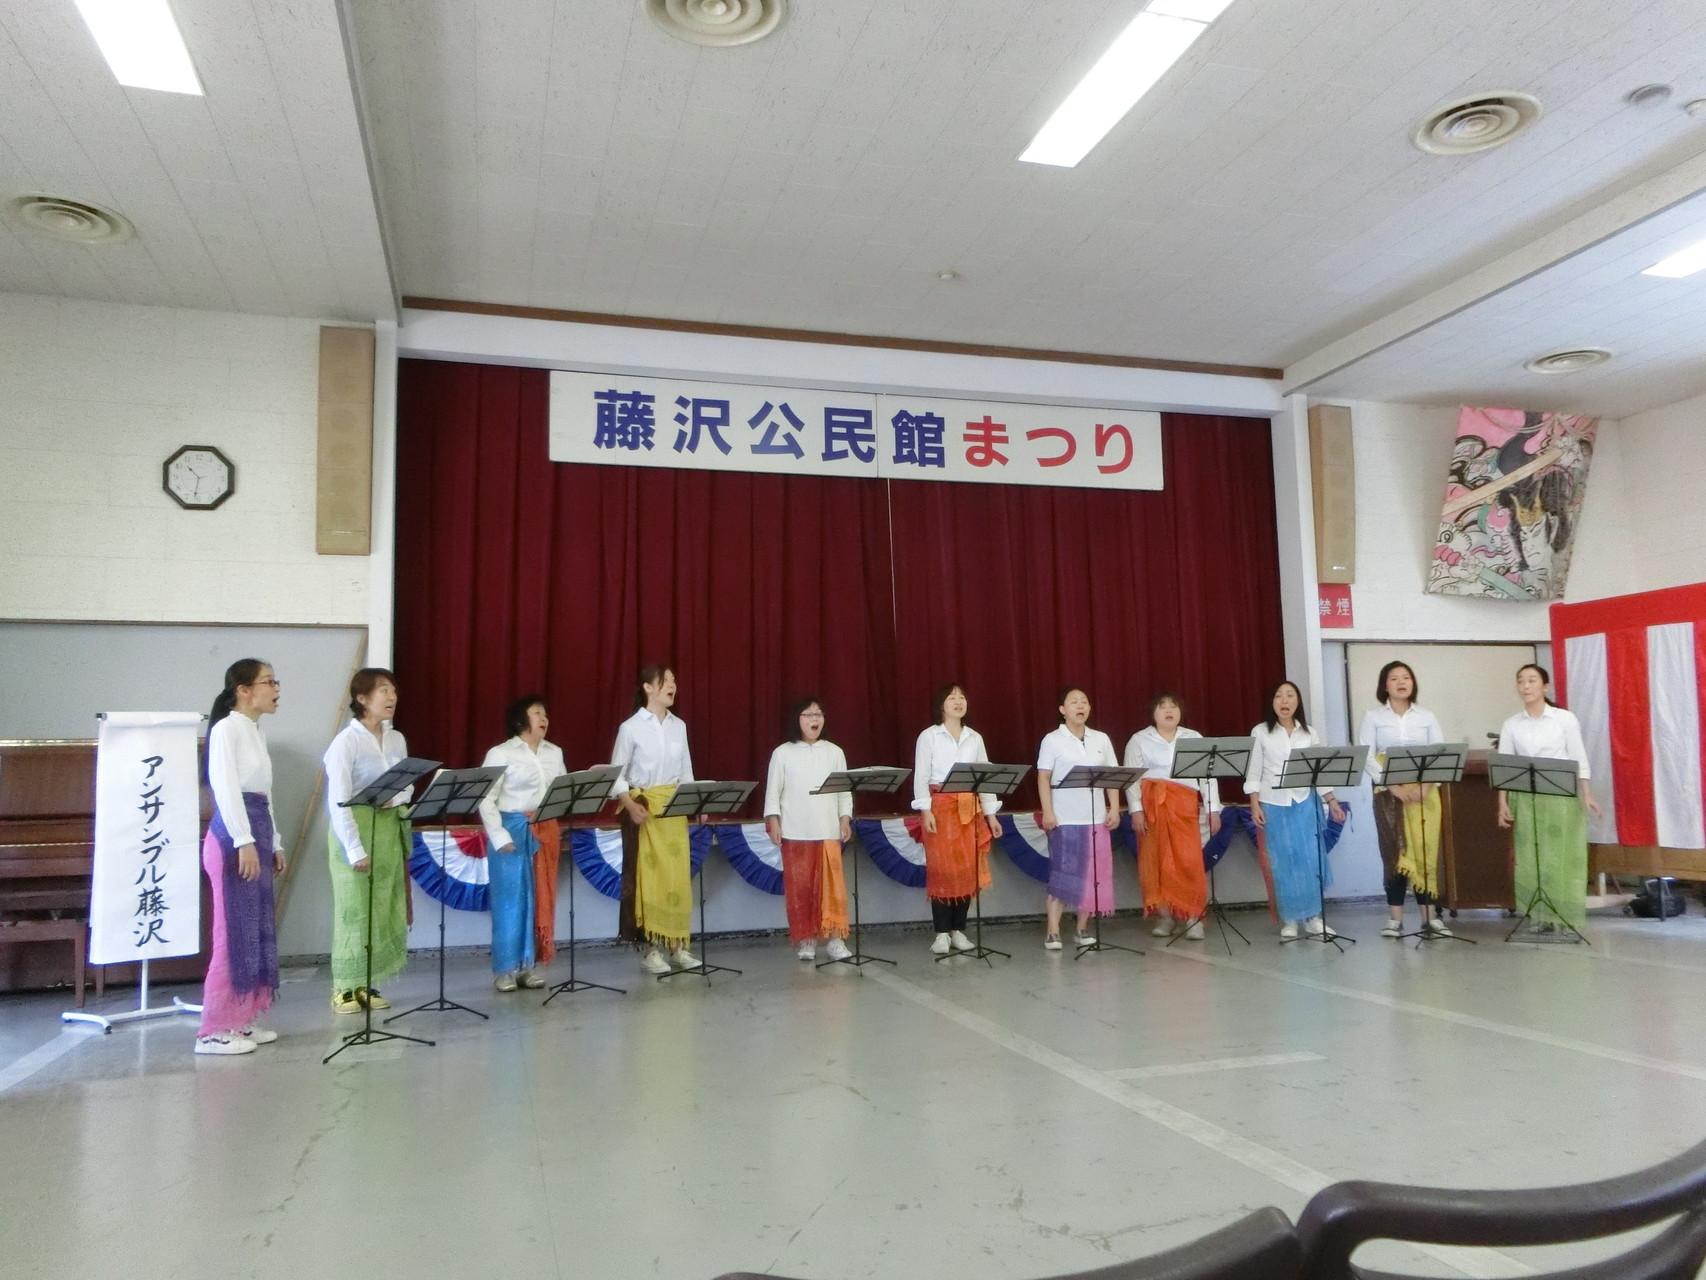 15年公民館祭り 3年ぶりの祭り参加!